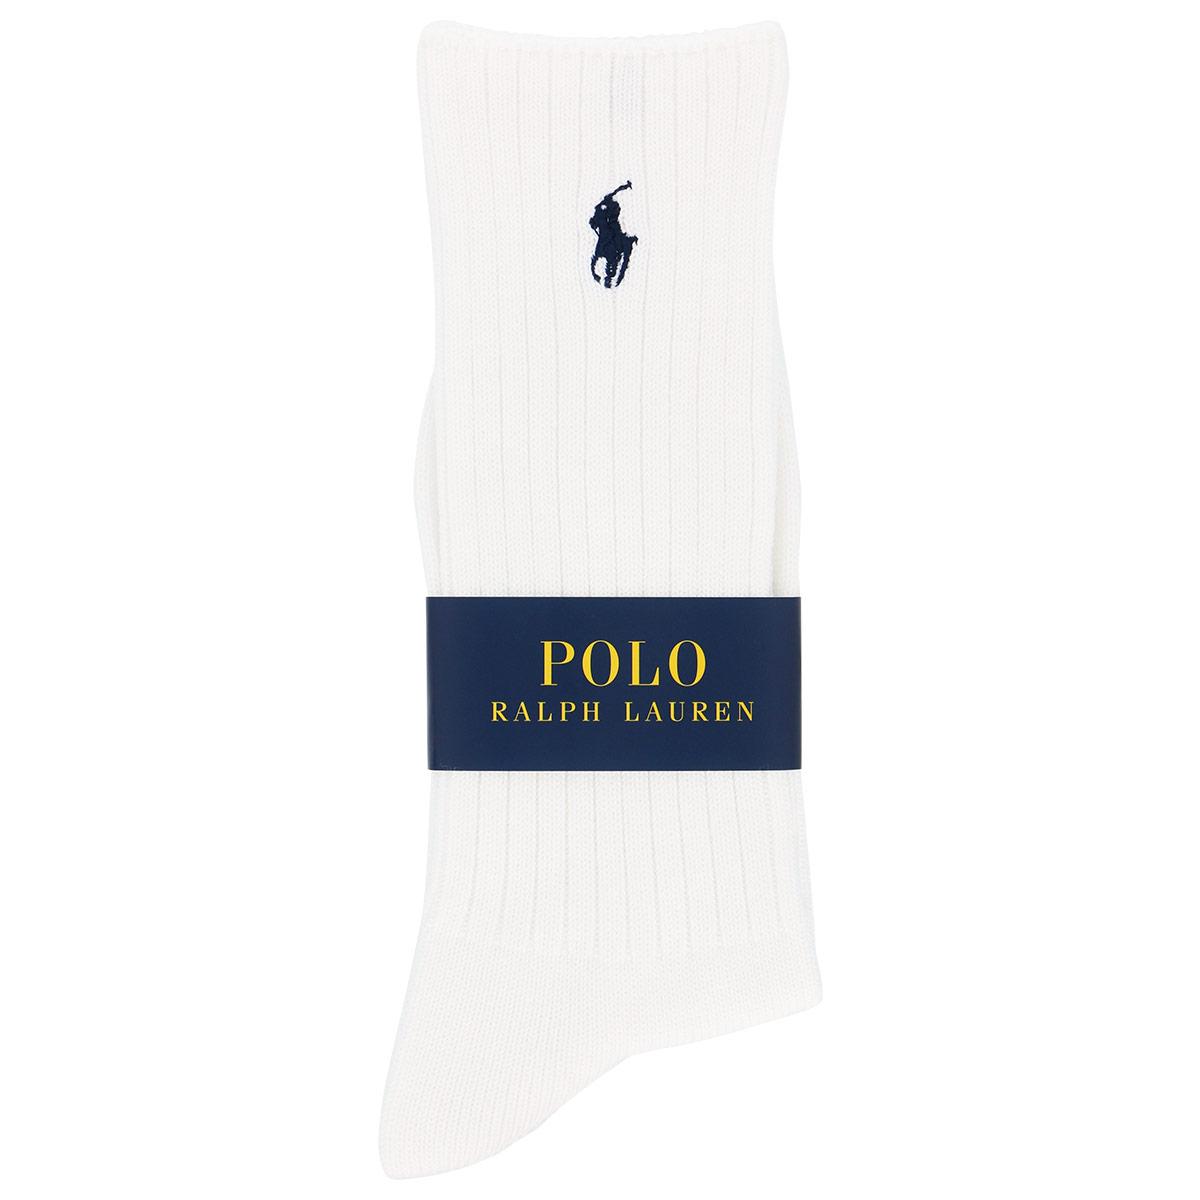 POLO RALPH LAUREN ポロ ラルフローレン 日本製 カジュアル 綿ウール混 ローゲージリブ クルー丈 メンズ ソックス 02012776【ゆうパケット・2点まで】